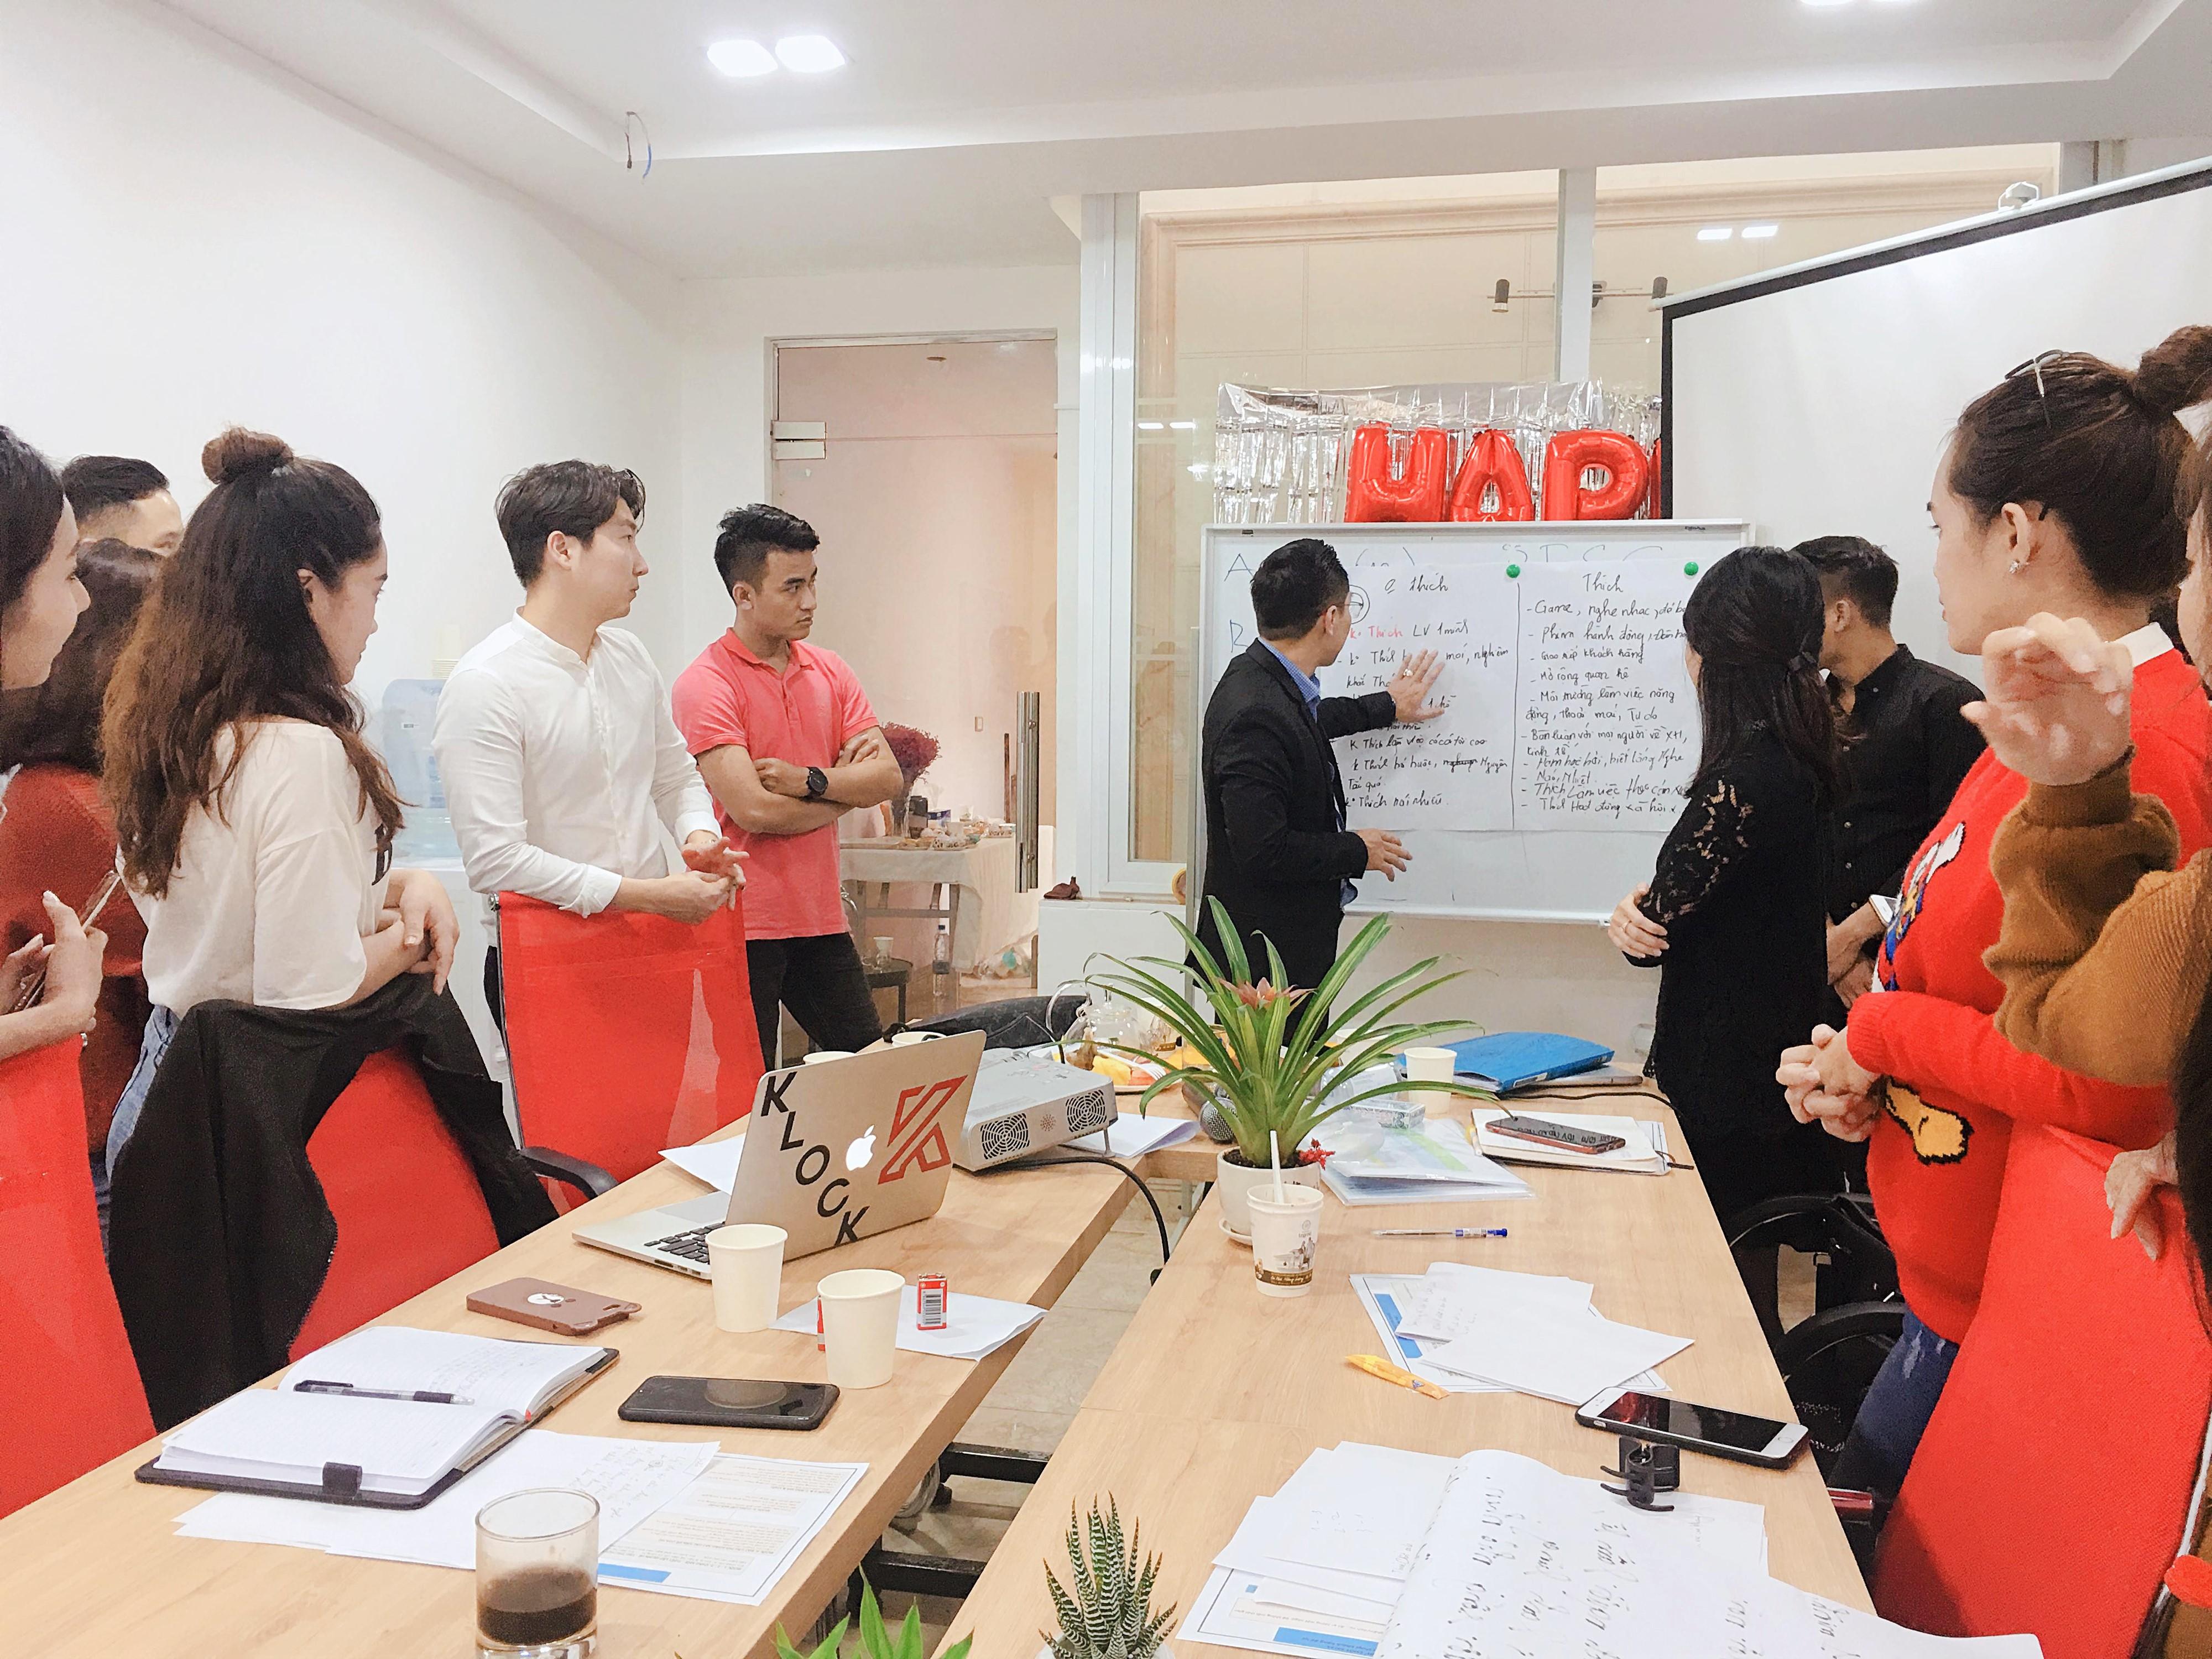 Ths. Đặng Văn Tân hướng dẫn phan tích tâm lý khách hàng theo tiêu chuẩn DISC